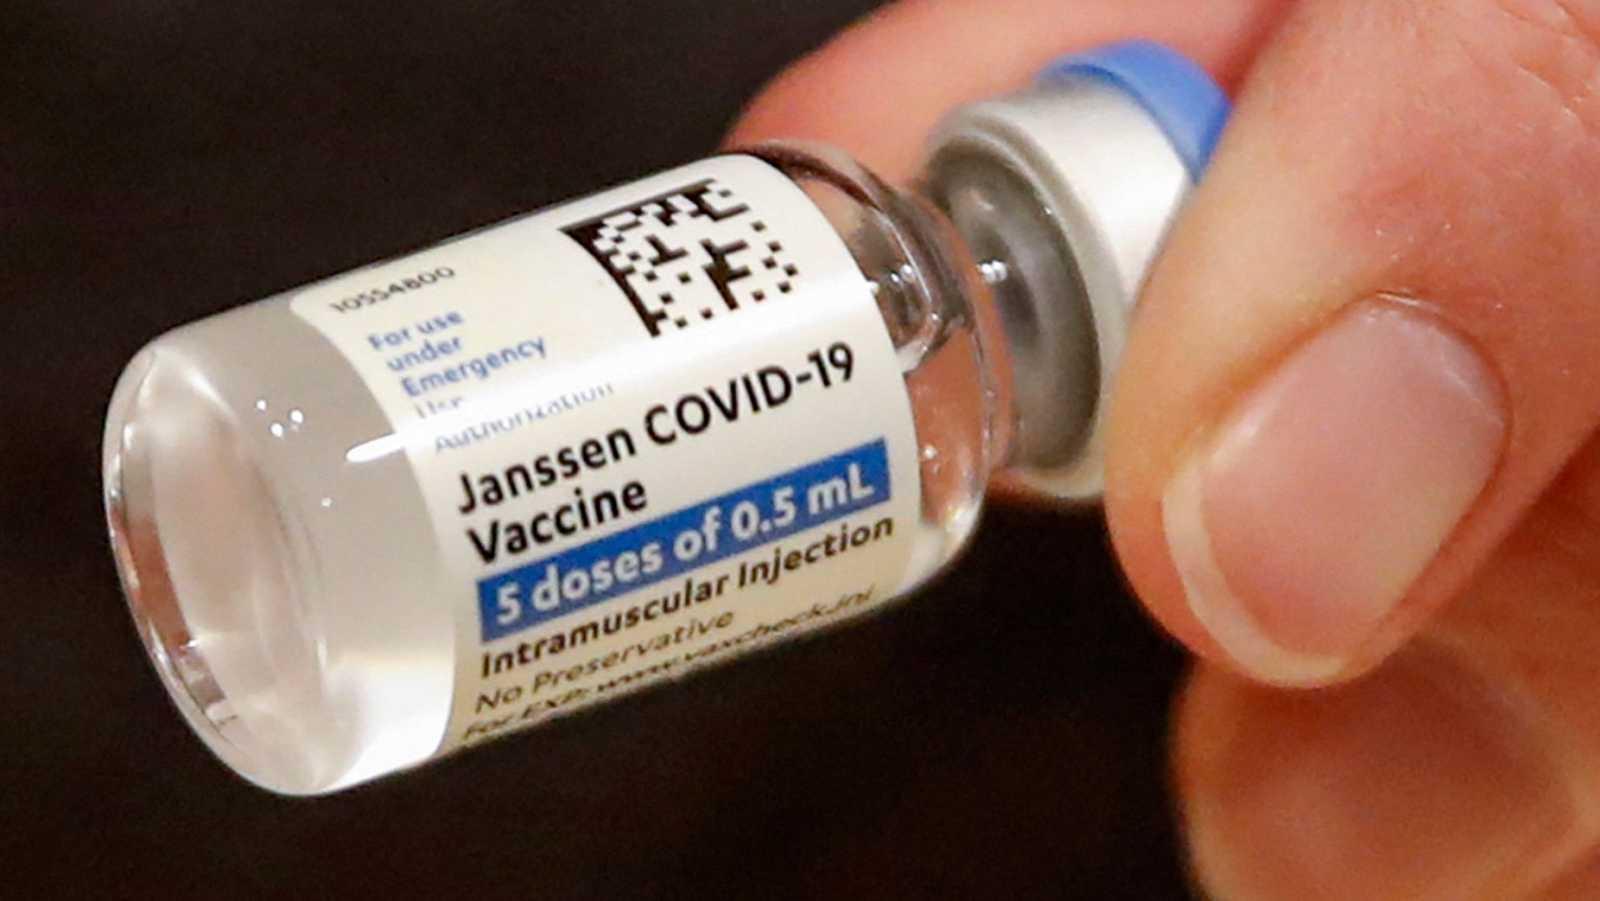 La EMA avala la utilización de la vacuna de Janssen contra el coronavirus